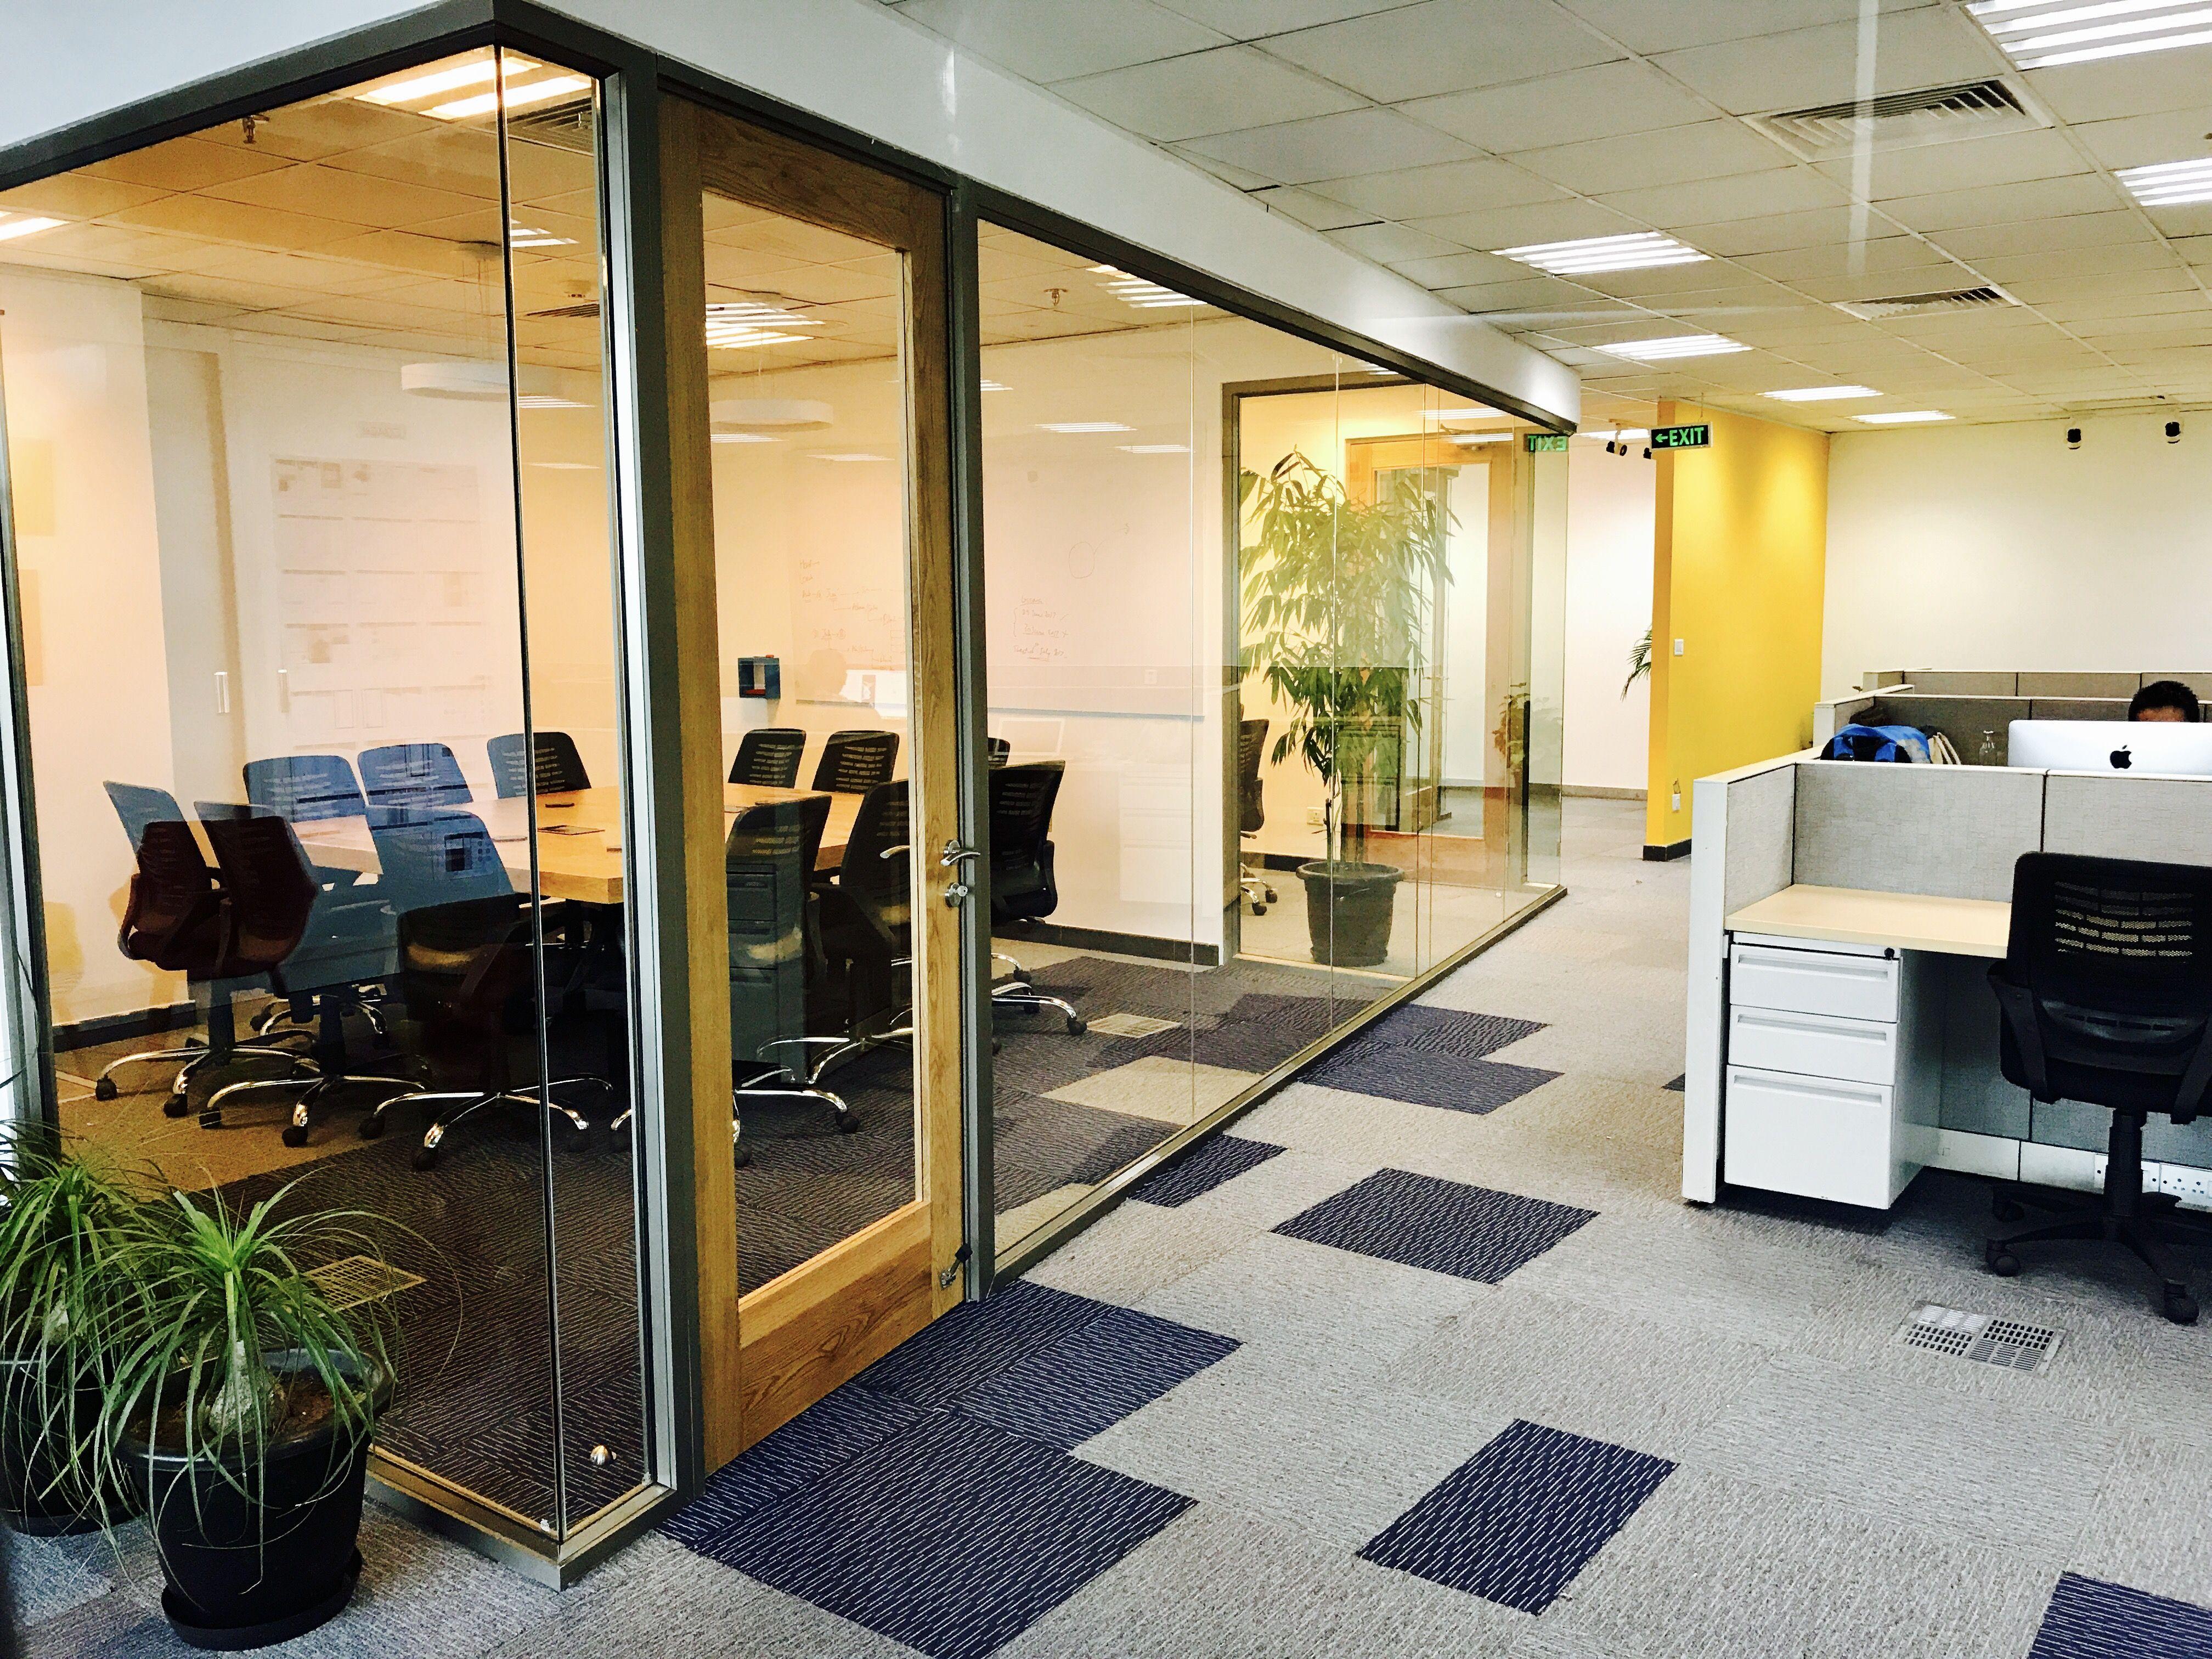 A peek inside Millipixels new office and